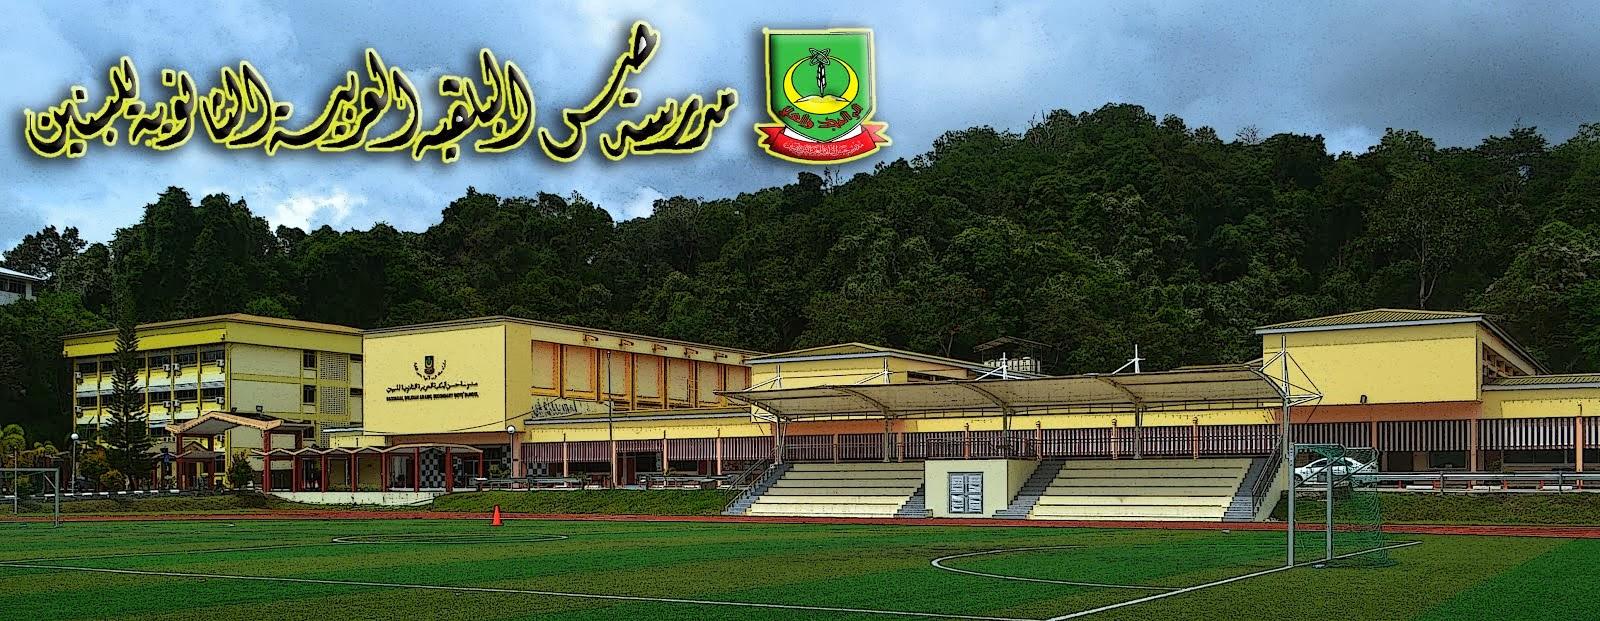 Sekolah Menengah Arab Laki-Laki Hassanal Bolkiah